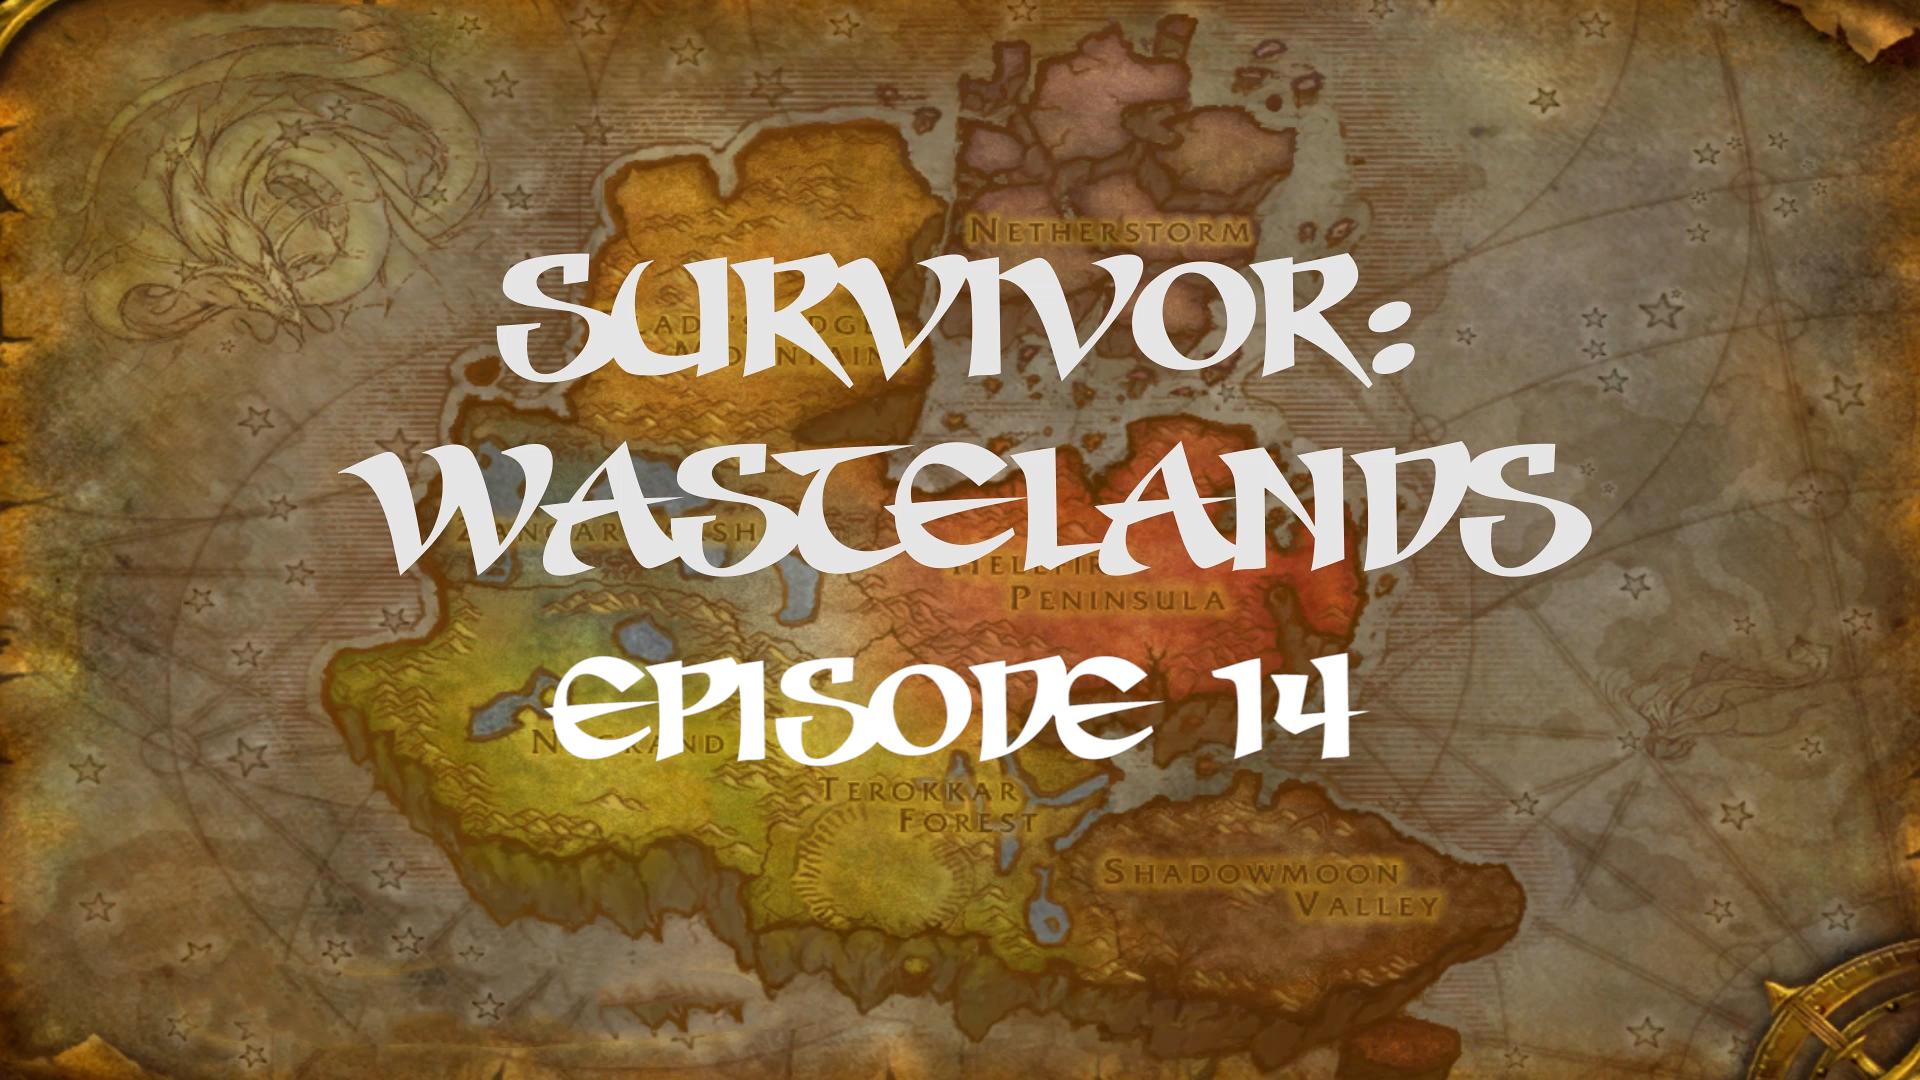 Survivor Wastelands Episode 14.jpg